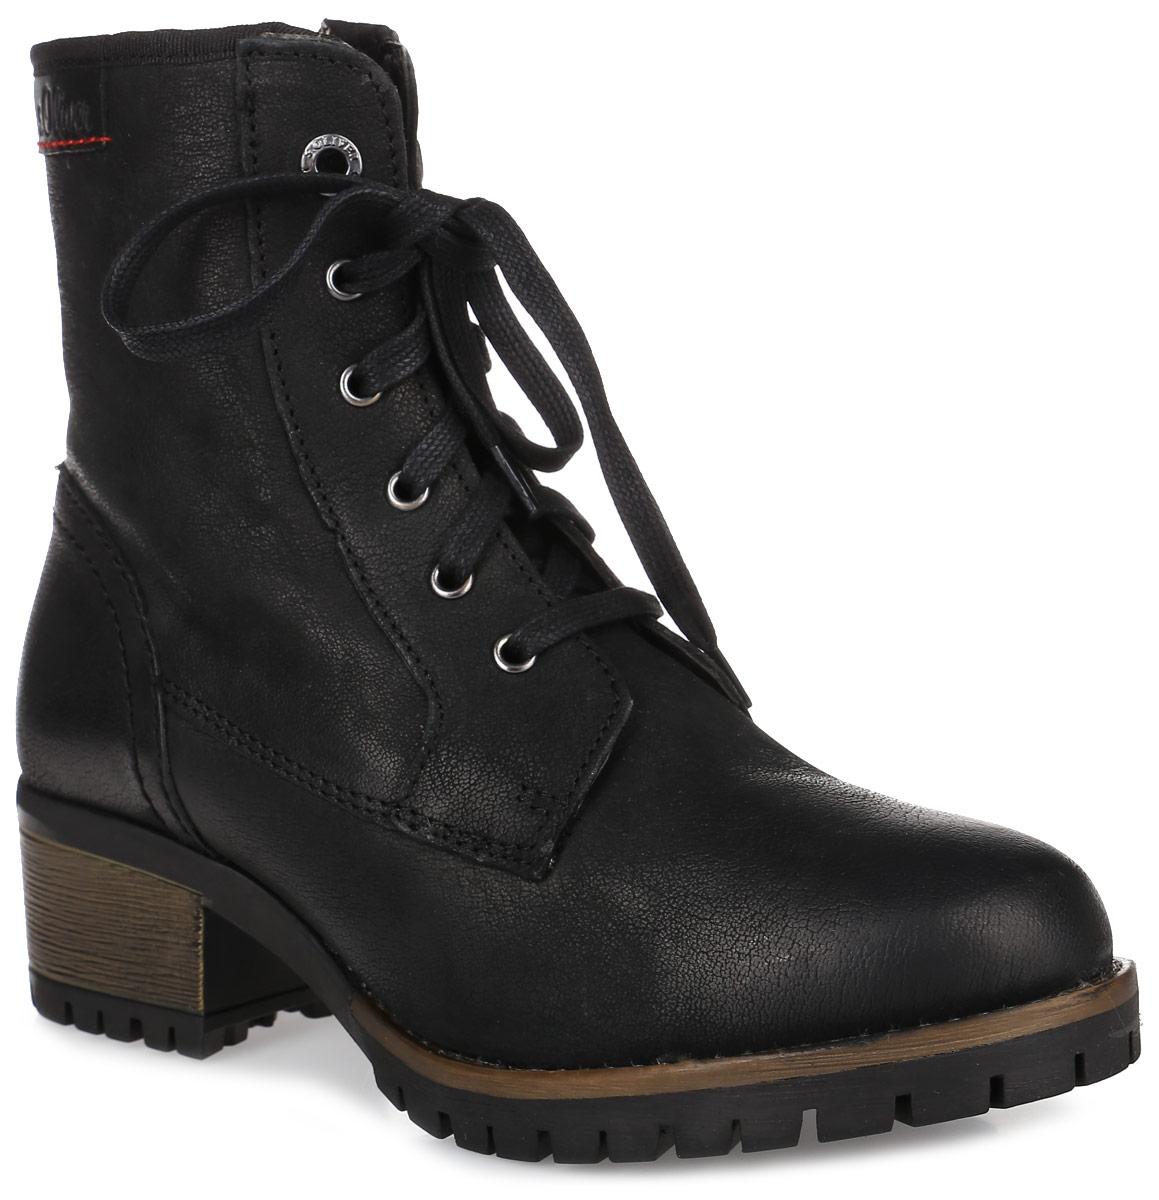 5-26291-27-001Стильные женские ботинки от S.Oliver придутся вам по душе. Модель выполнена из натуральной кожи. Классическая шнуровка и молния надежно зафиксируют изделие на ноге. Внутренняя поверхность и стелька из искусственной шерсти отлично сохраняют тепло. Рифление на подошве и небольшом устойчивом каблуке гарантирует идеальное сцепление с любой поверхностью. Модные ботинки сделают вас ярче и подчеркнут индивидуальность.